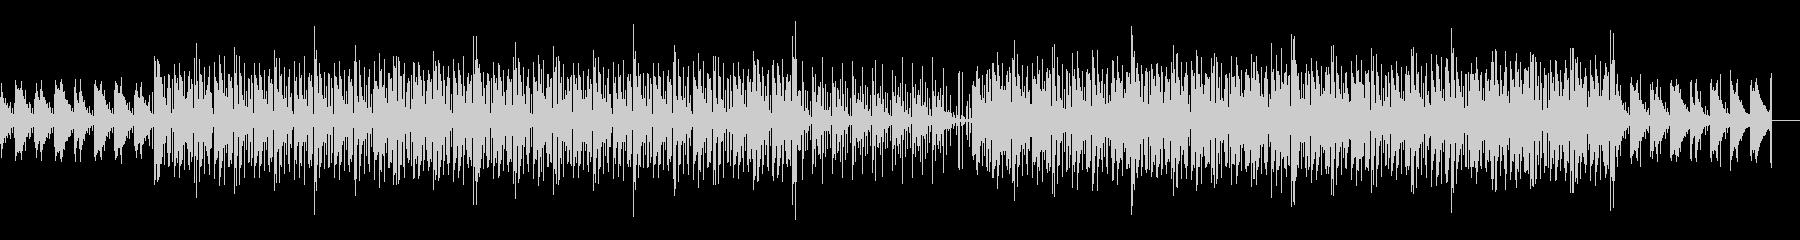 Lo-Fi チルアウト3の未再生の波形